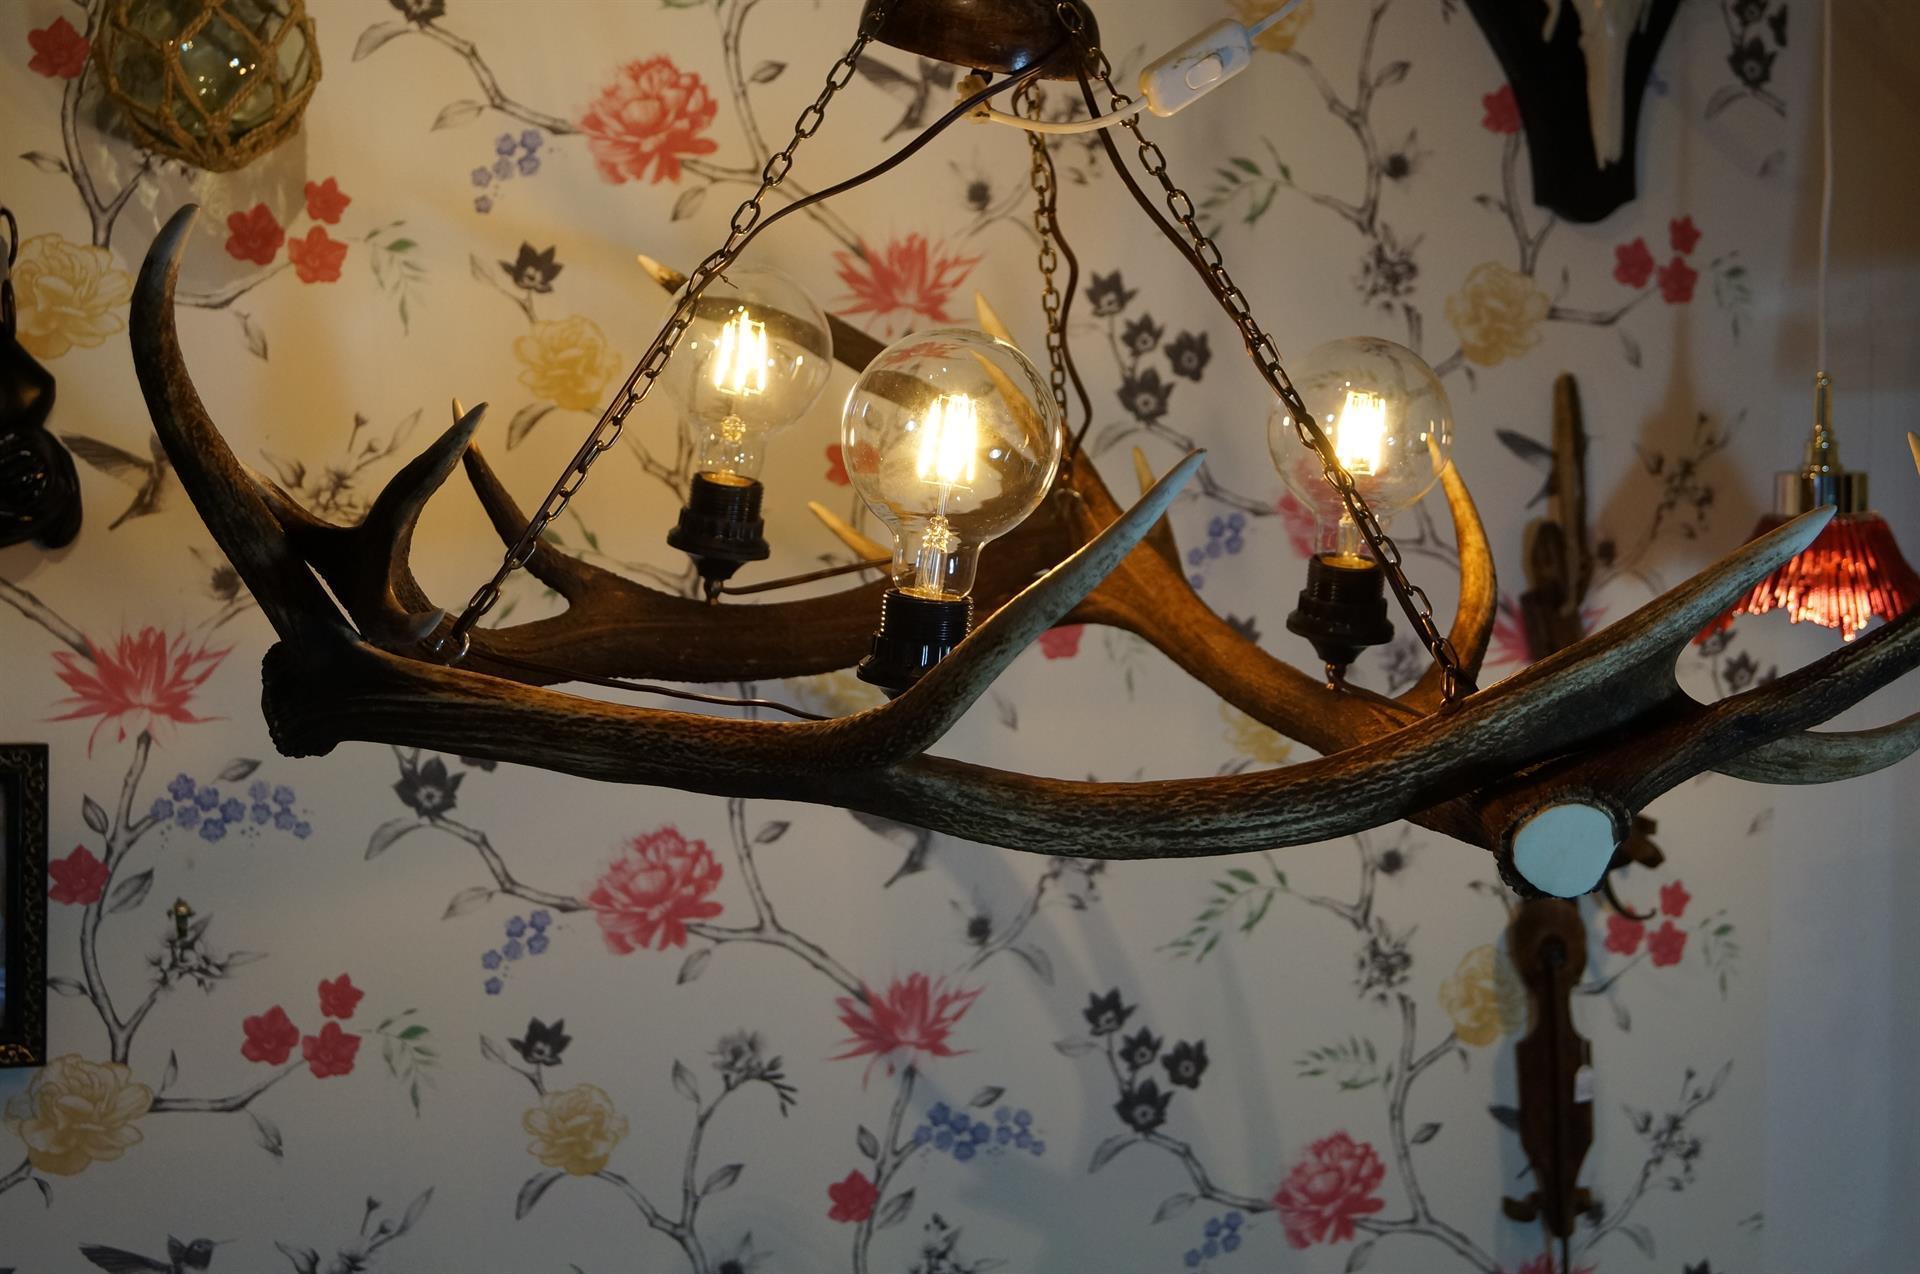 ljuskrona älghorn